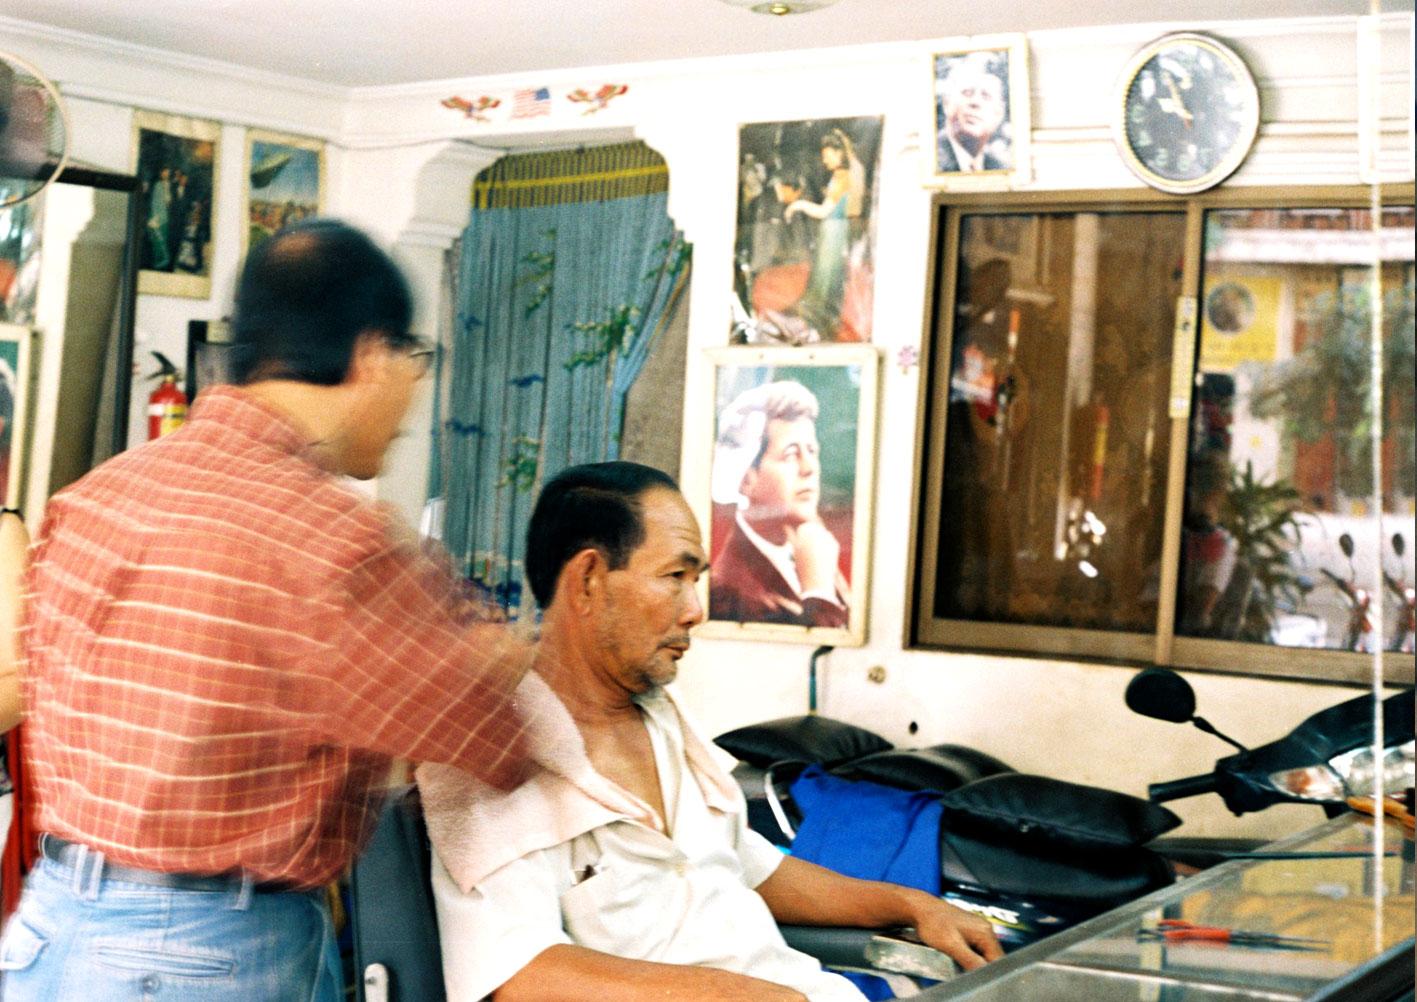 2007_1_Barbershop.jpg